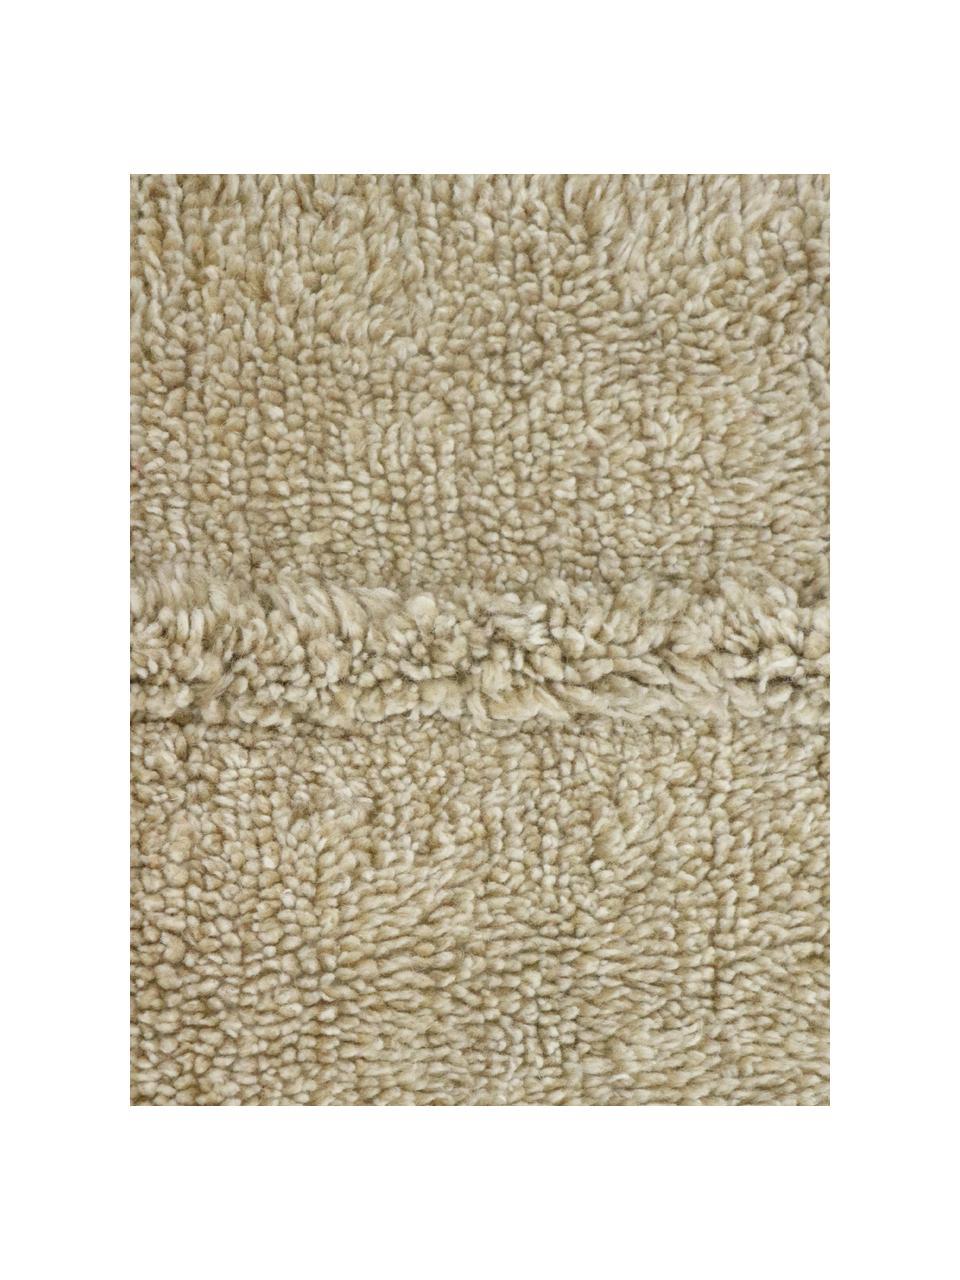 Handgefertigter Wollteppich Tundra in Beige, waschbar, Flor: 100% Wolle, Beige, B 80 x L 140 cm (Größe XS)